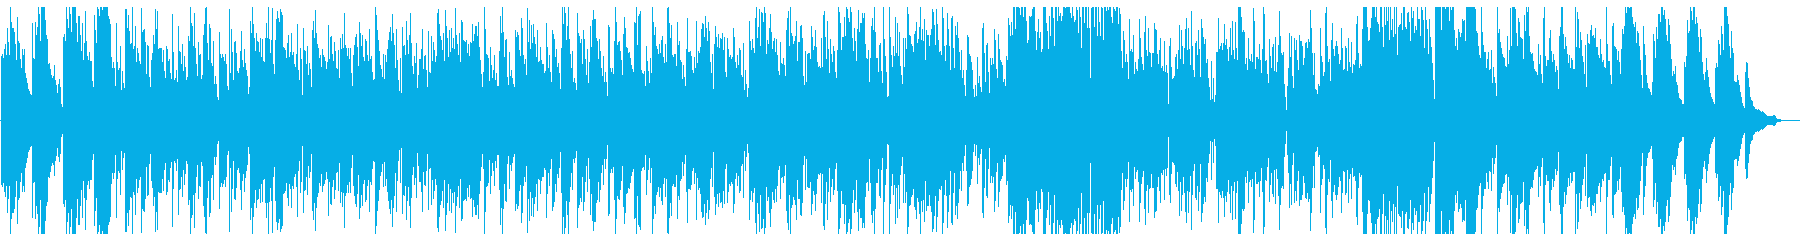 スタイリッシュなピアノトリオの再生済みの波形